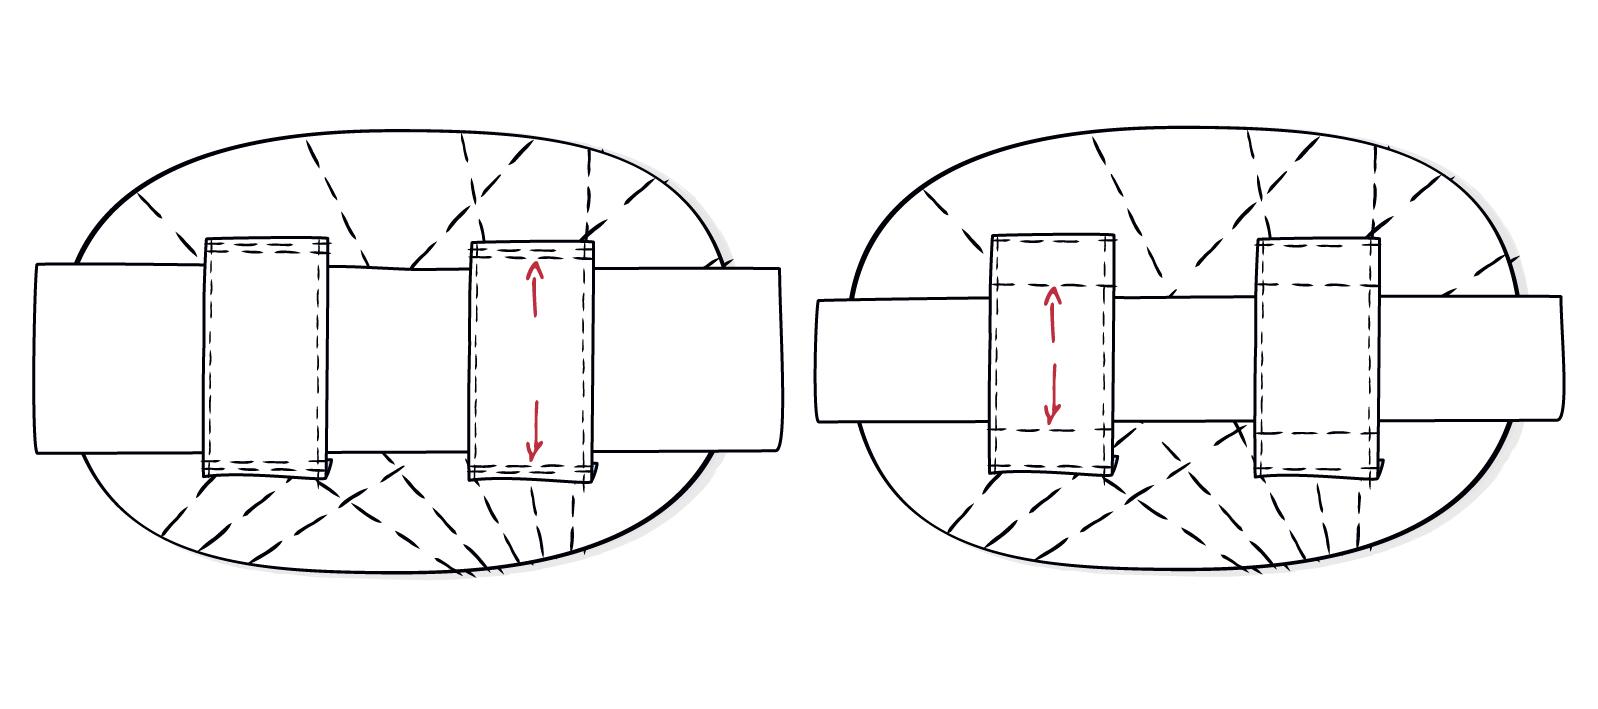 Mit dem zweiten Riegel kann die Gürtelschlaufe auf die Gürtelbreite angepasst werden